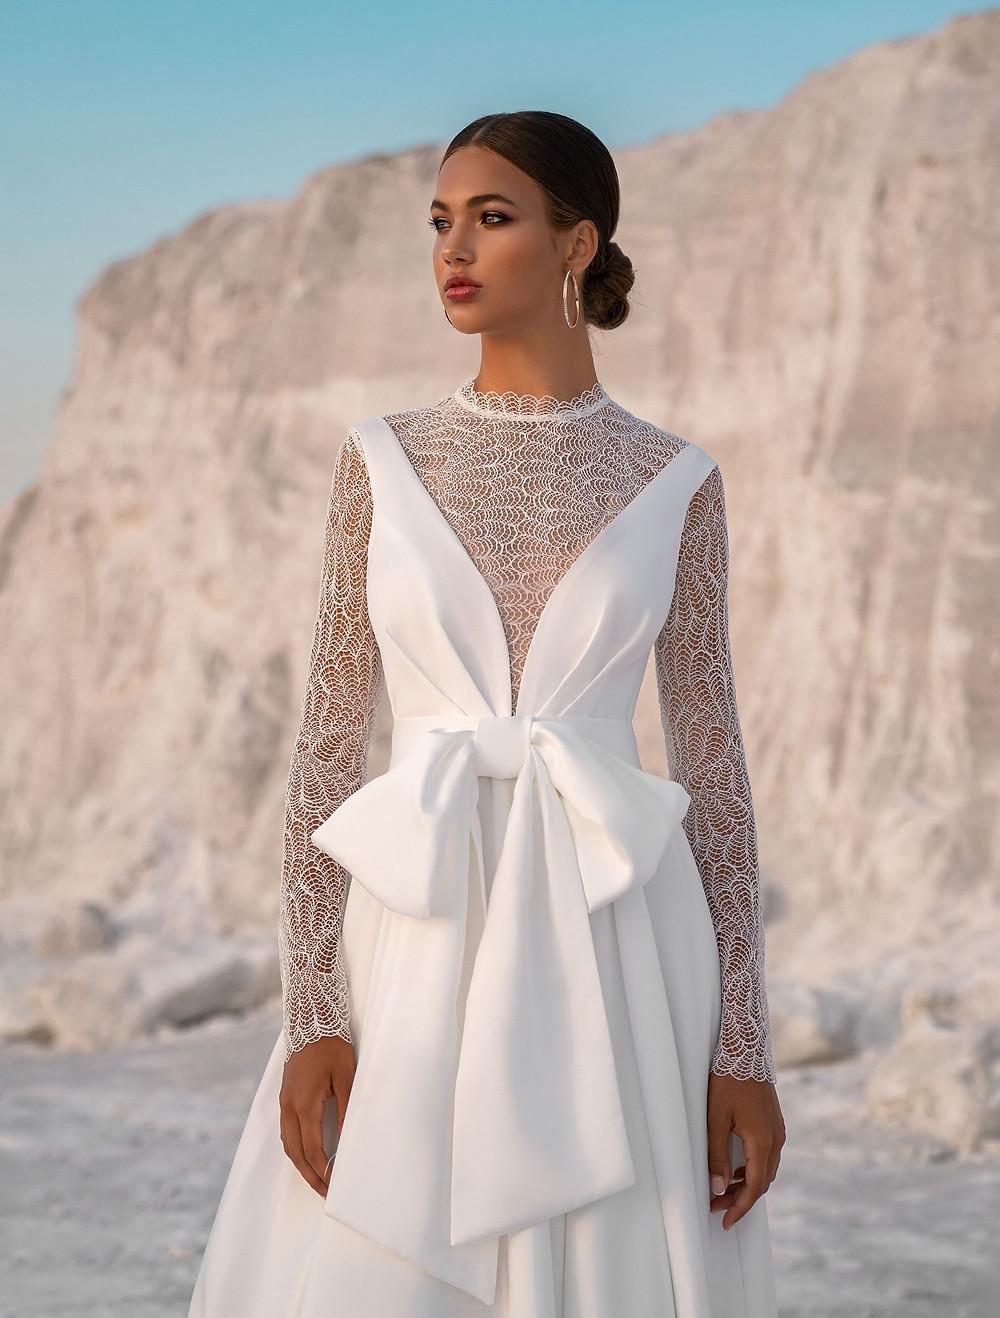 rochii de mireasa, rochii de mireasa A line, rochii de mireasa tip A, rochii de mireasa ieftine